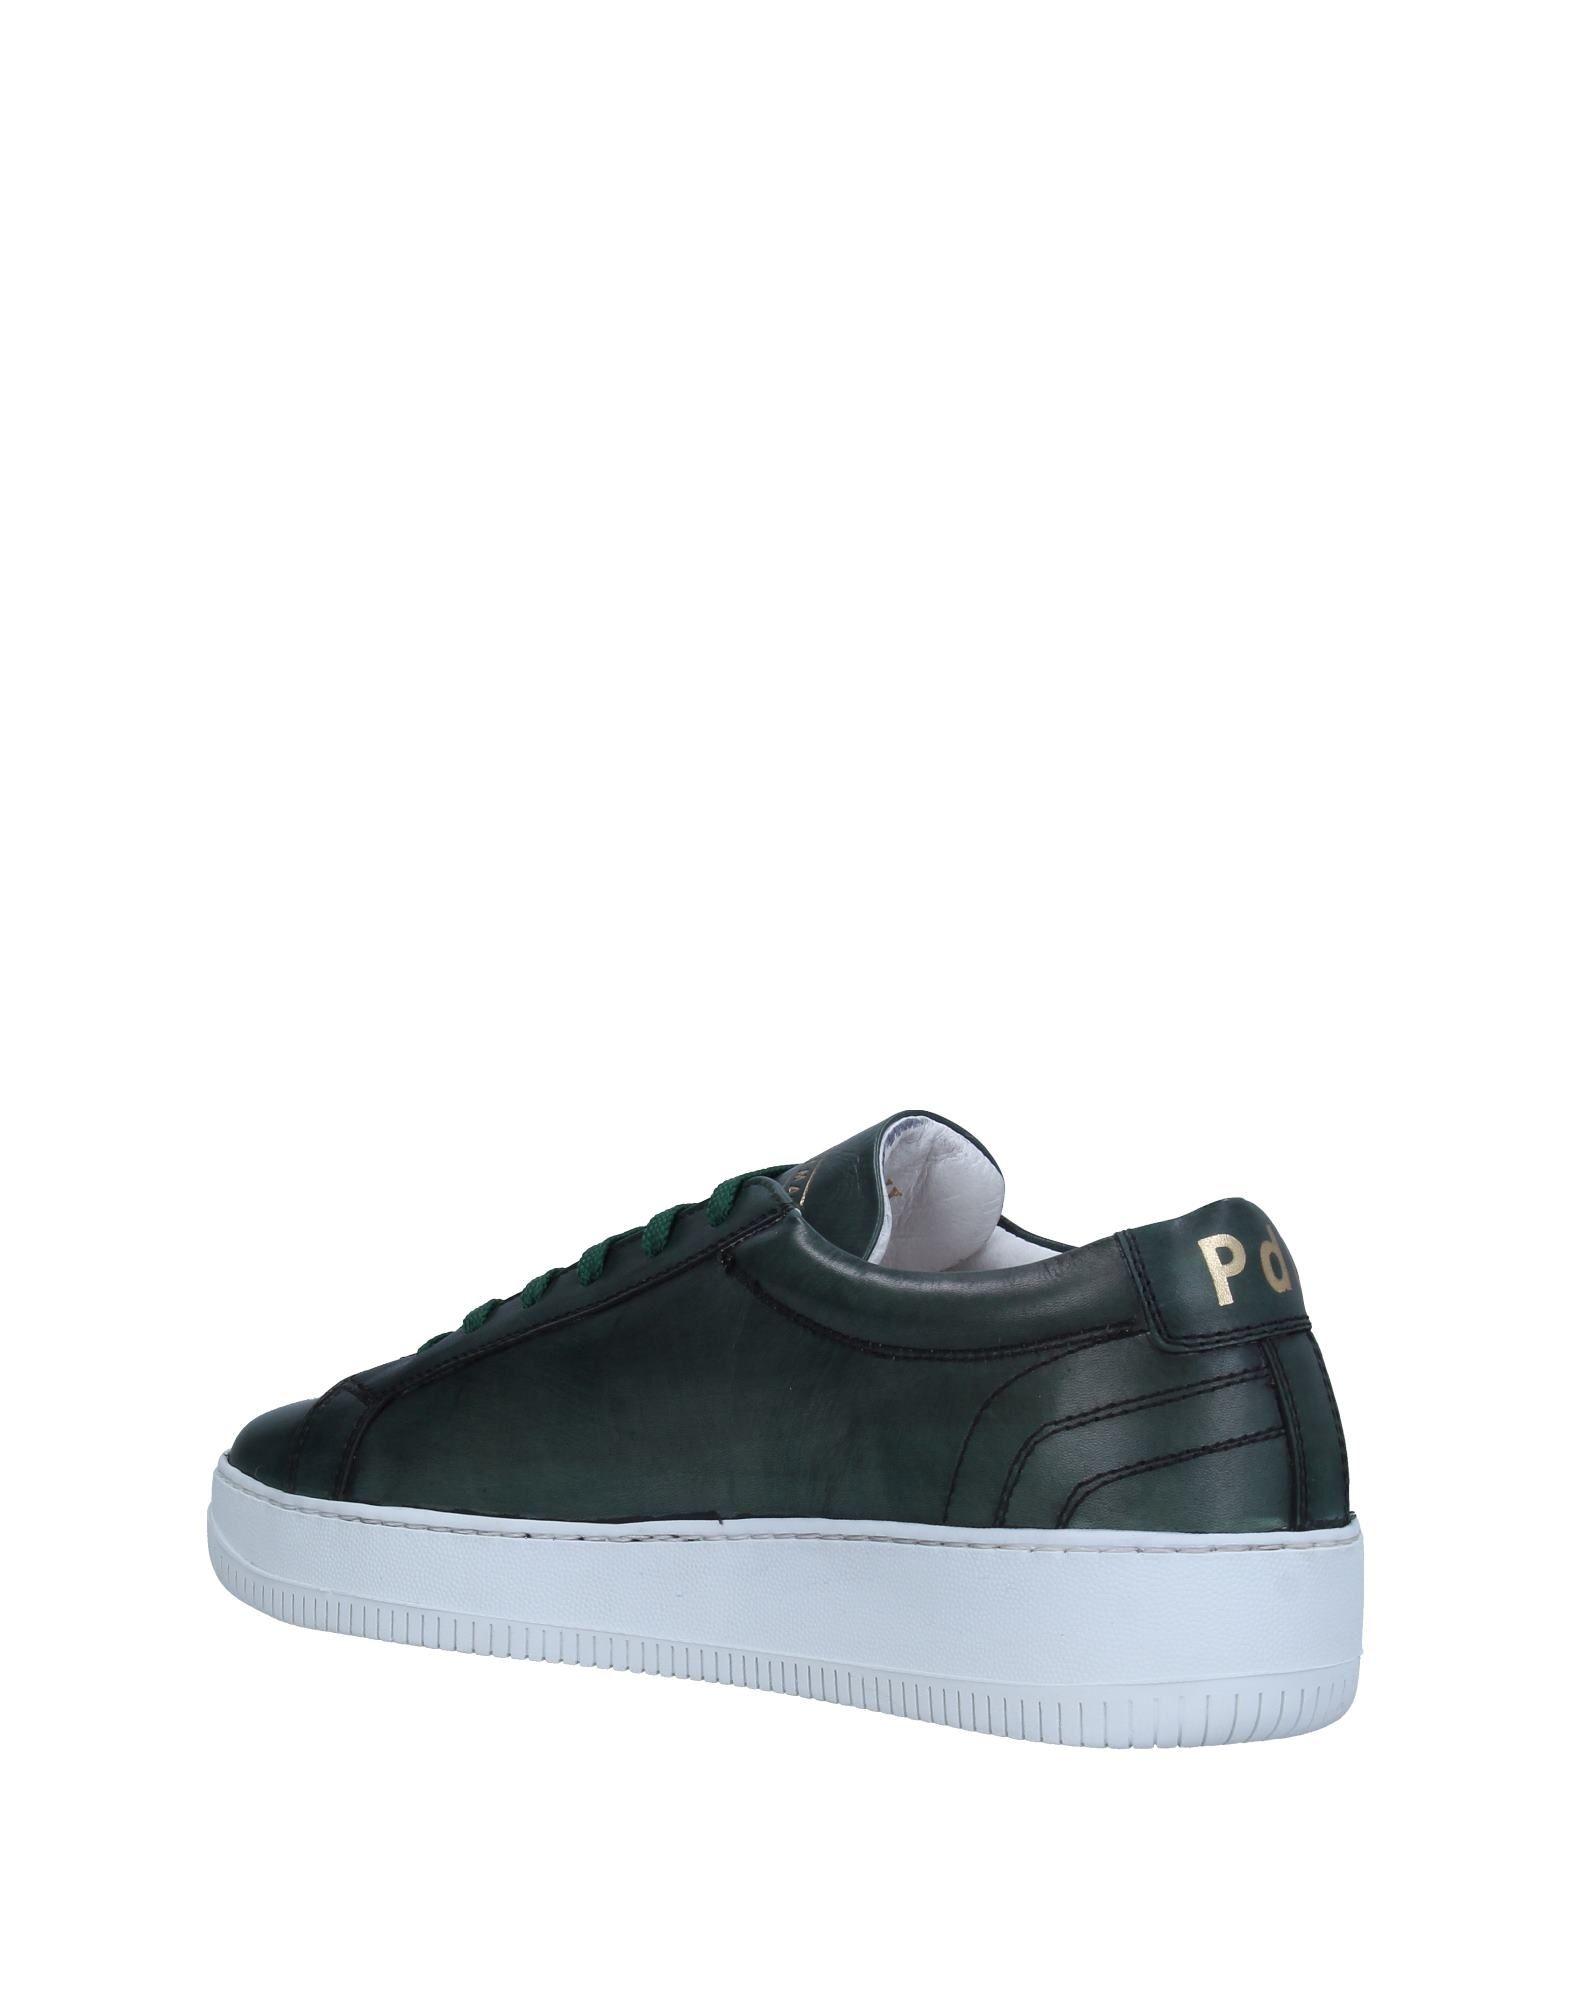 Pantofola D'oro Sneakers Herren 11338631JT  11338631JT Herren 8cbdcd